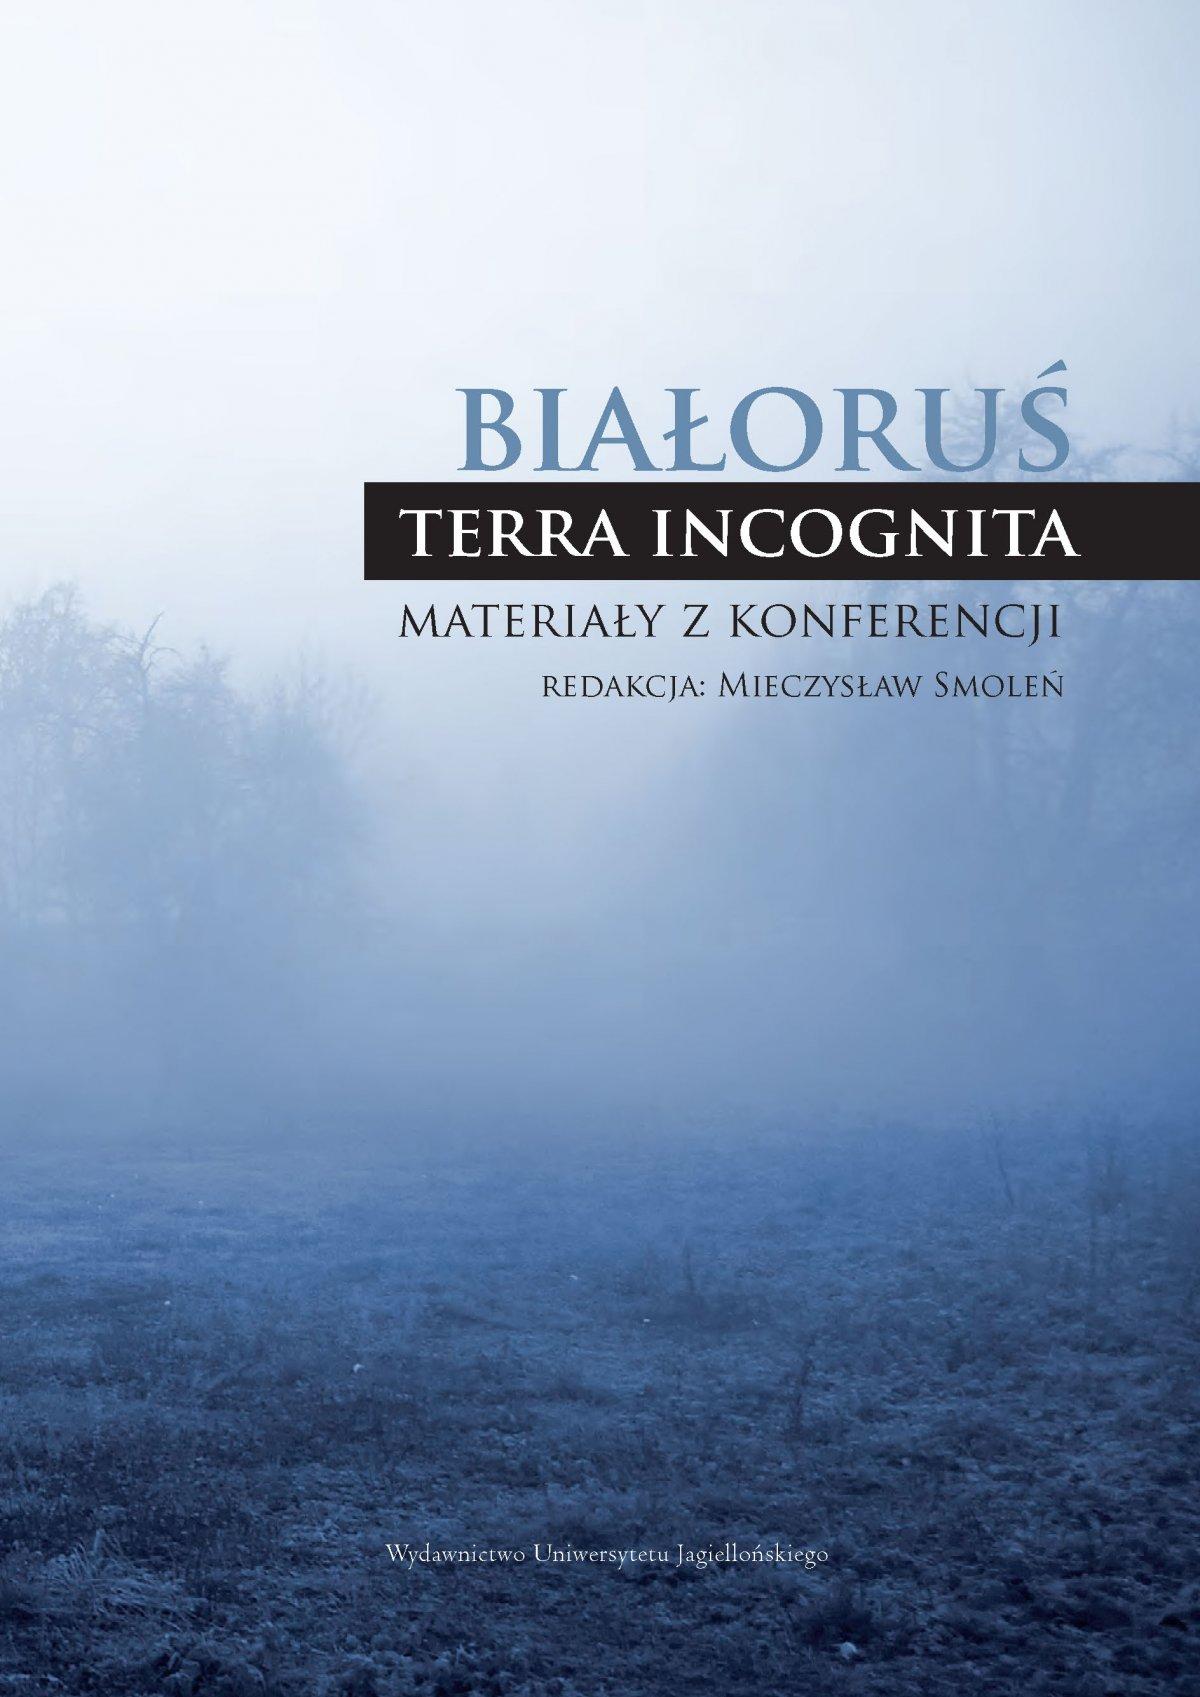 Białoruś - terra incognita. Materiały z konferencji - Ebook (Książka PDF) do pobrania w formacie PDF